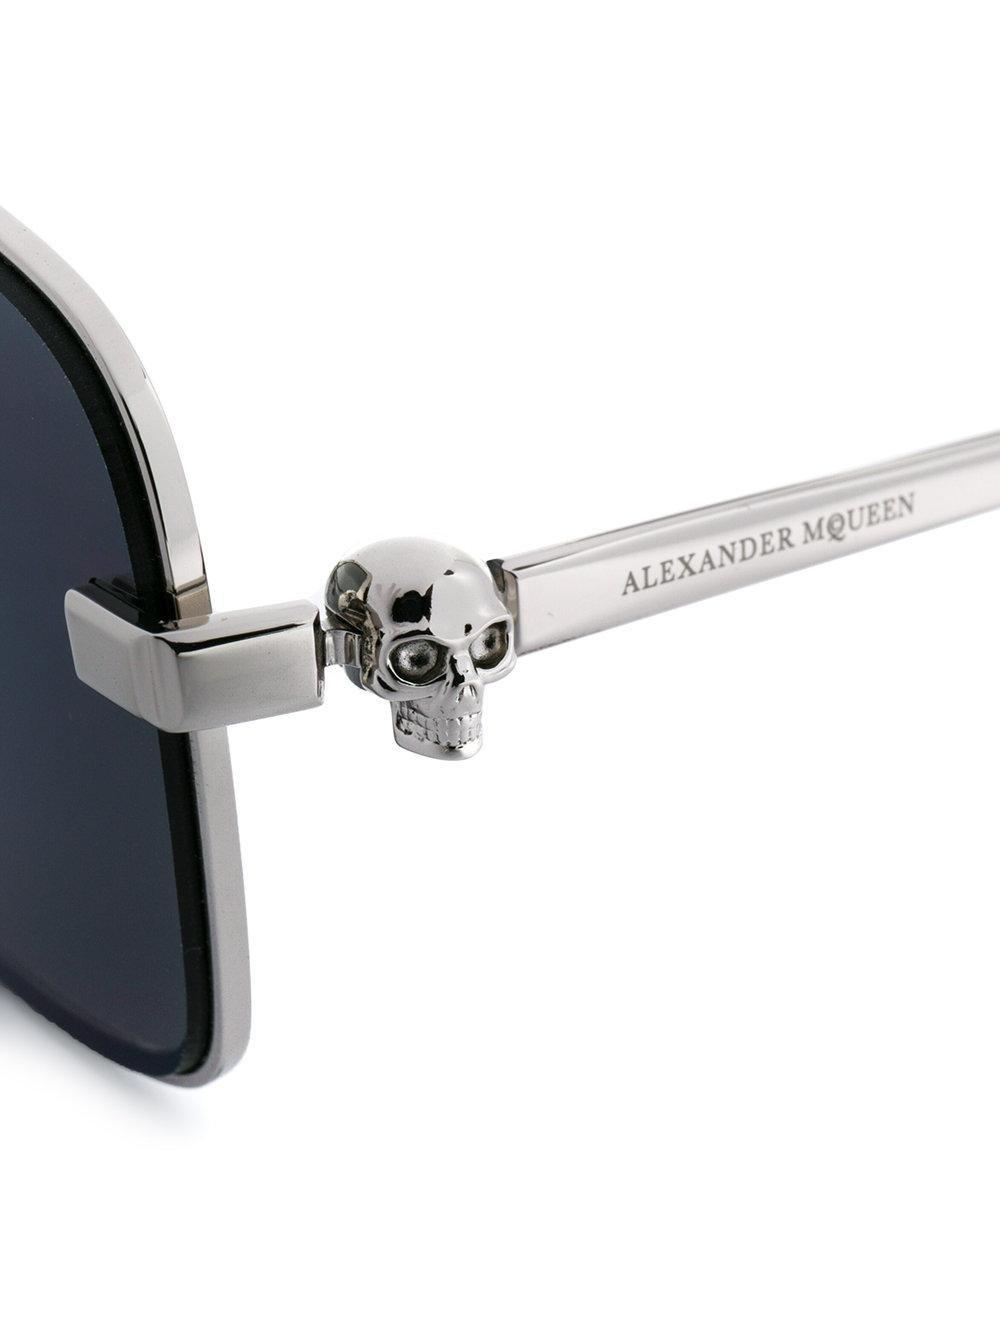 Alexander McQueen Square Sunglasses in Metallic